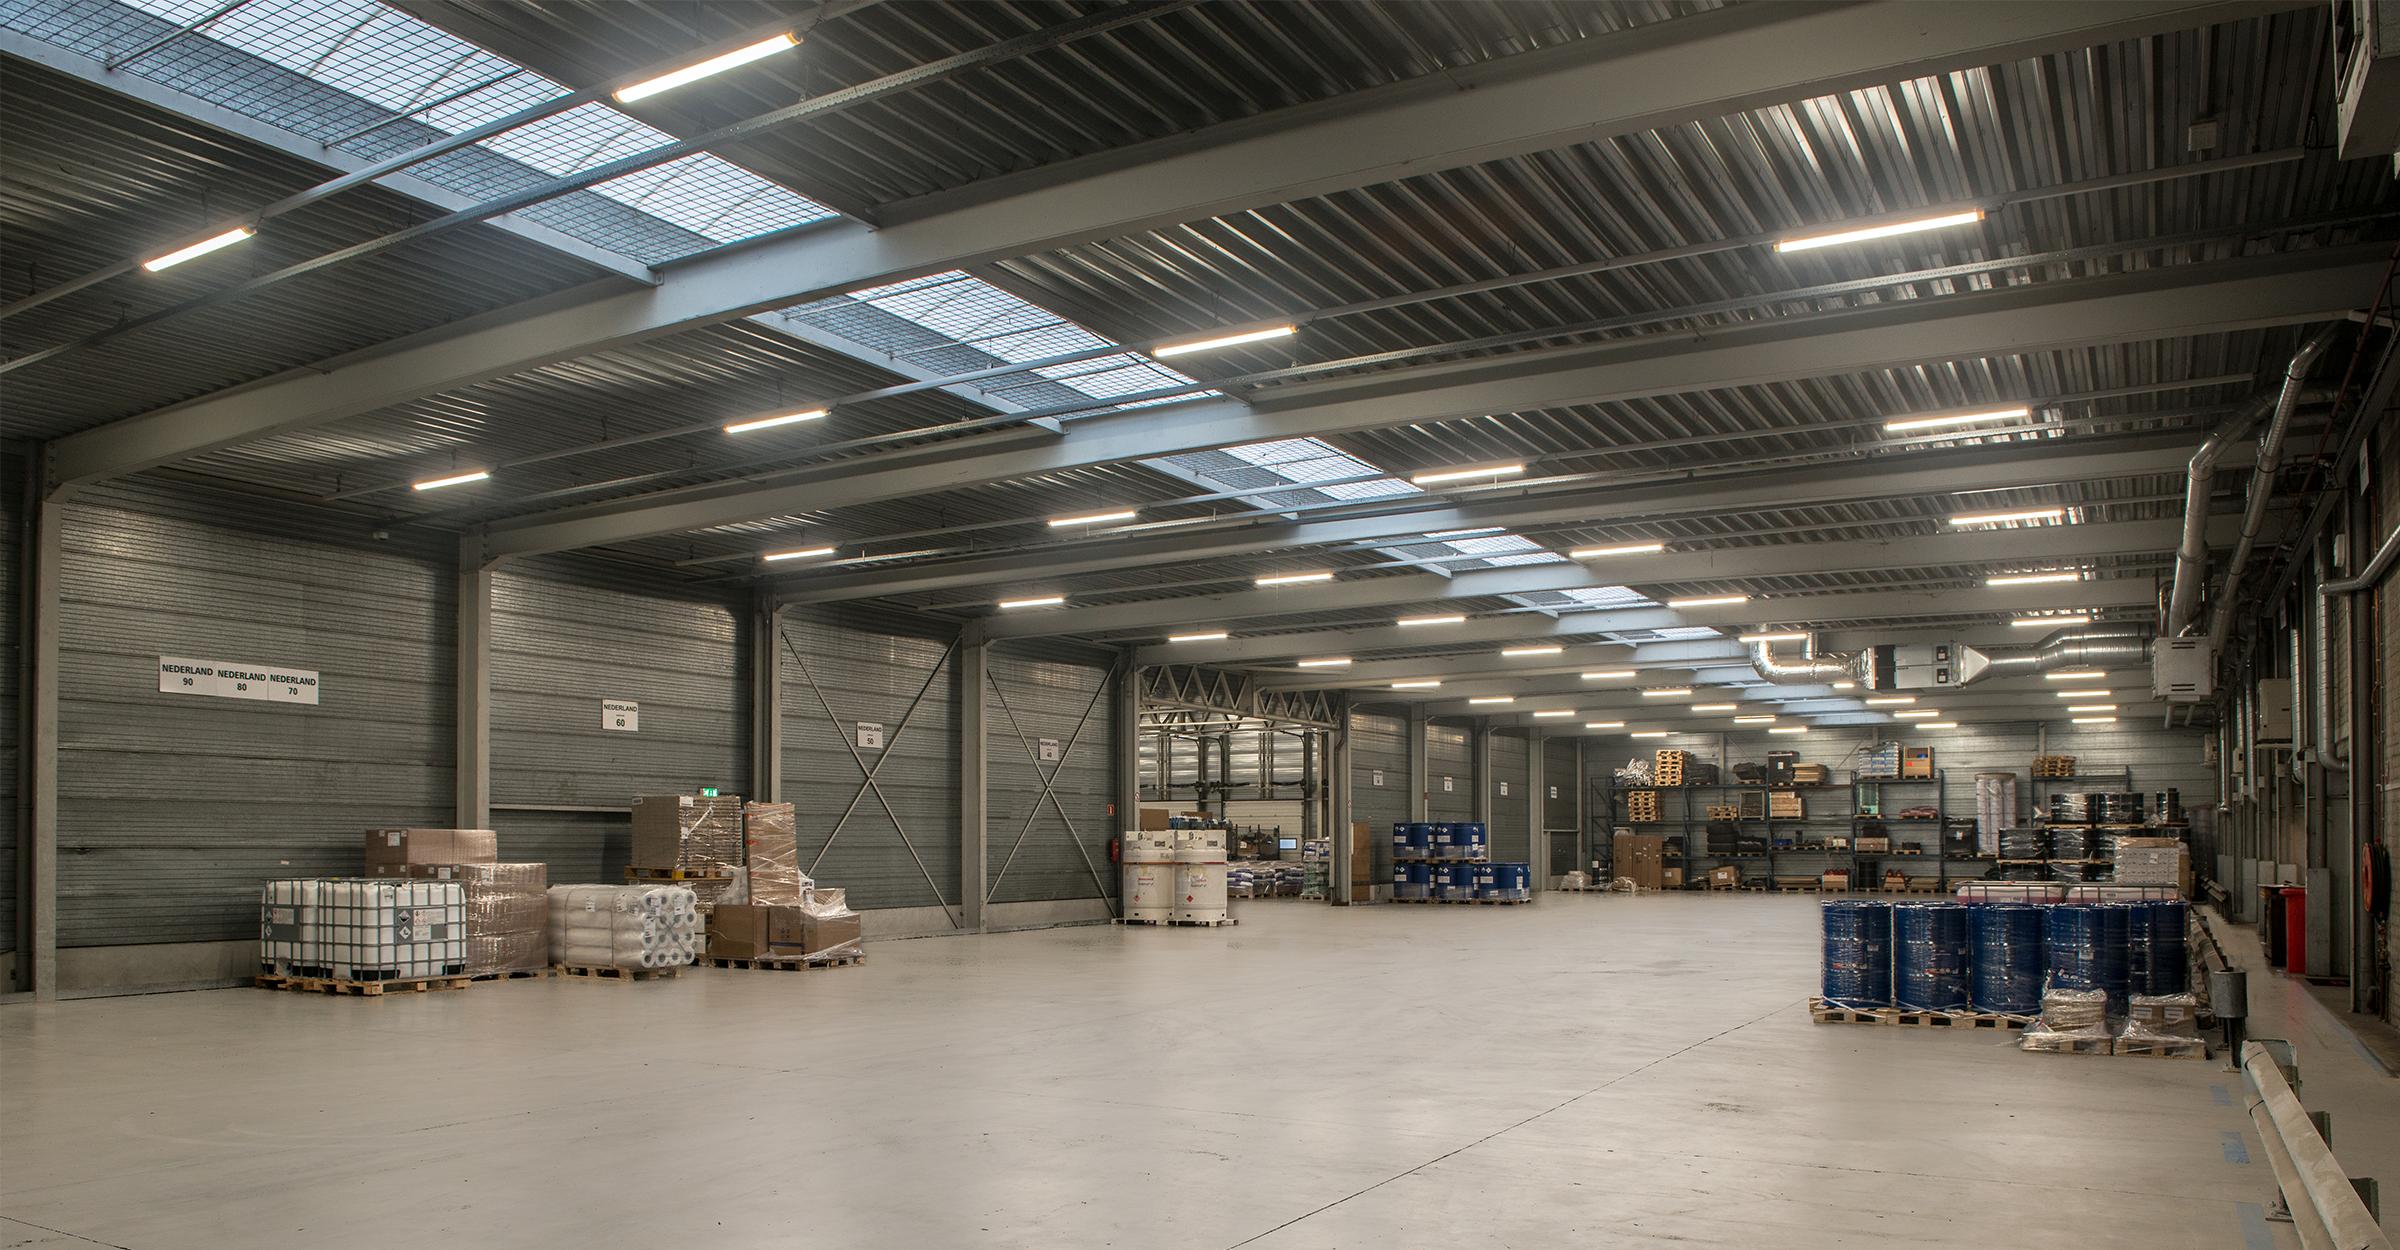 Firefly - Bedrijfsverlichting: bespaar energie